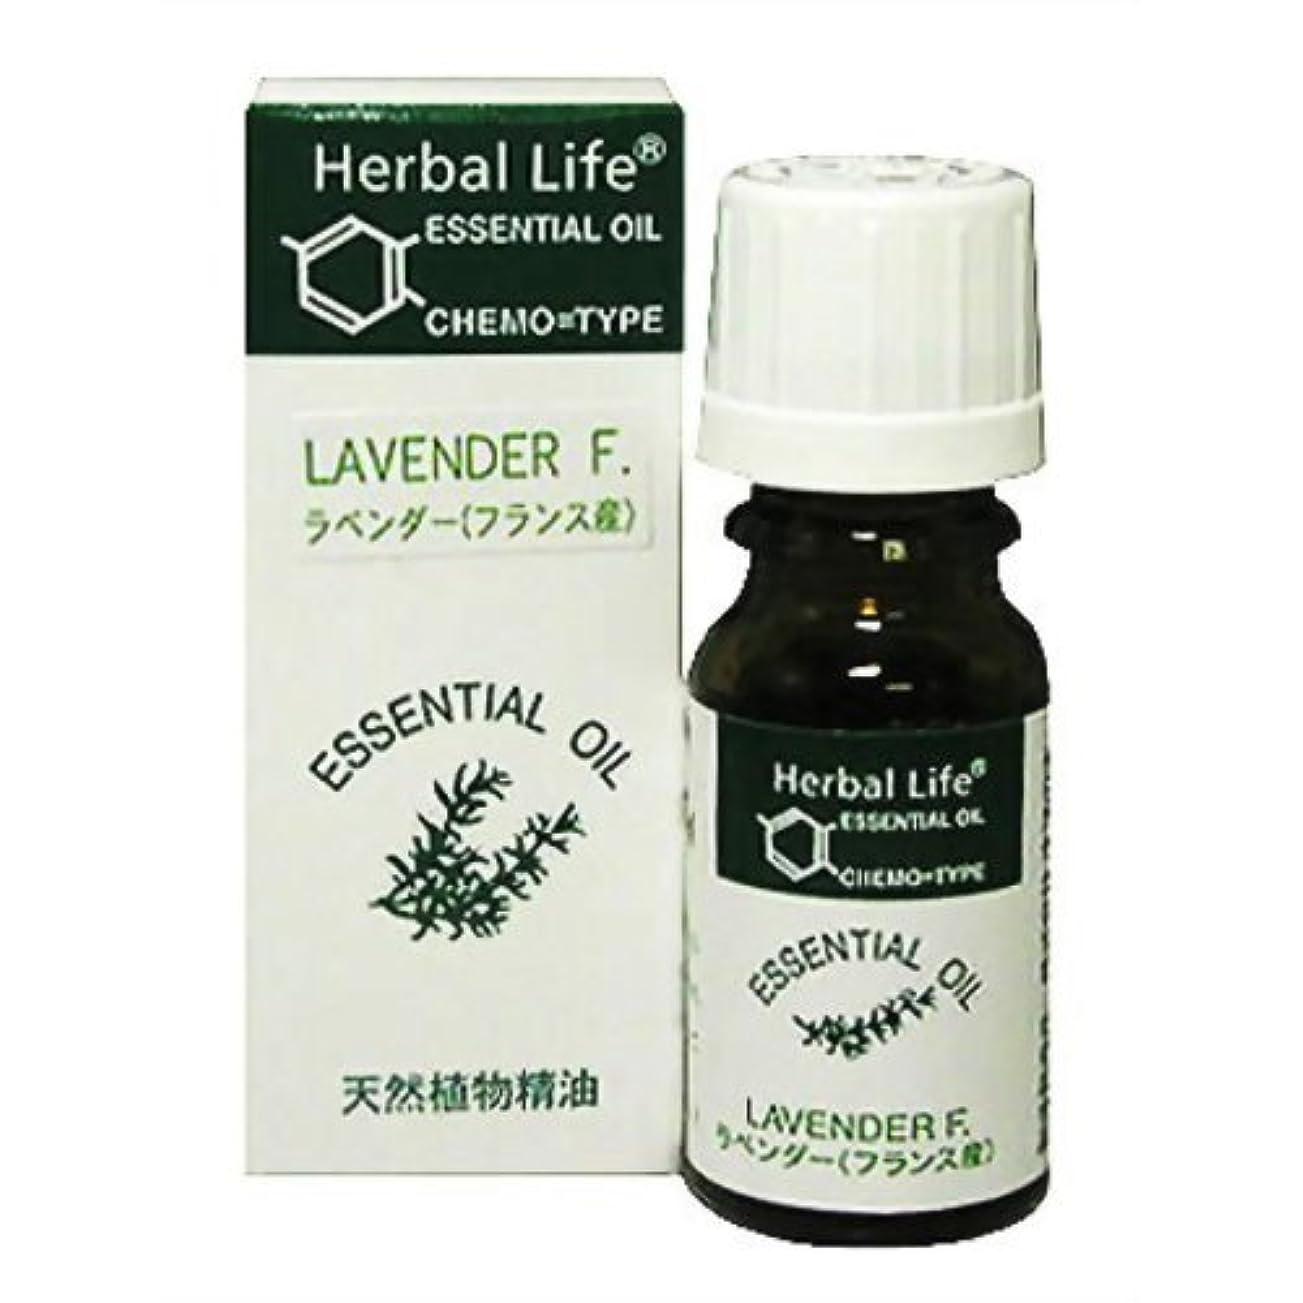 ヘルメット没頭する連隊Herbal Life ラベンダー 10ml